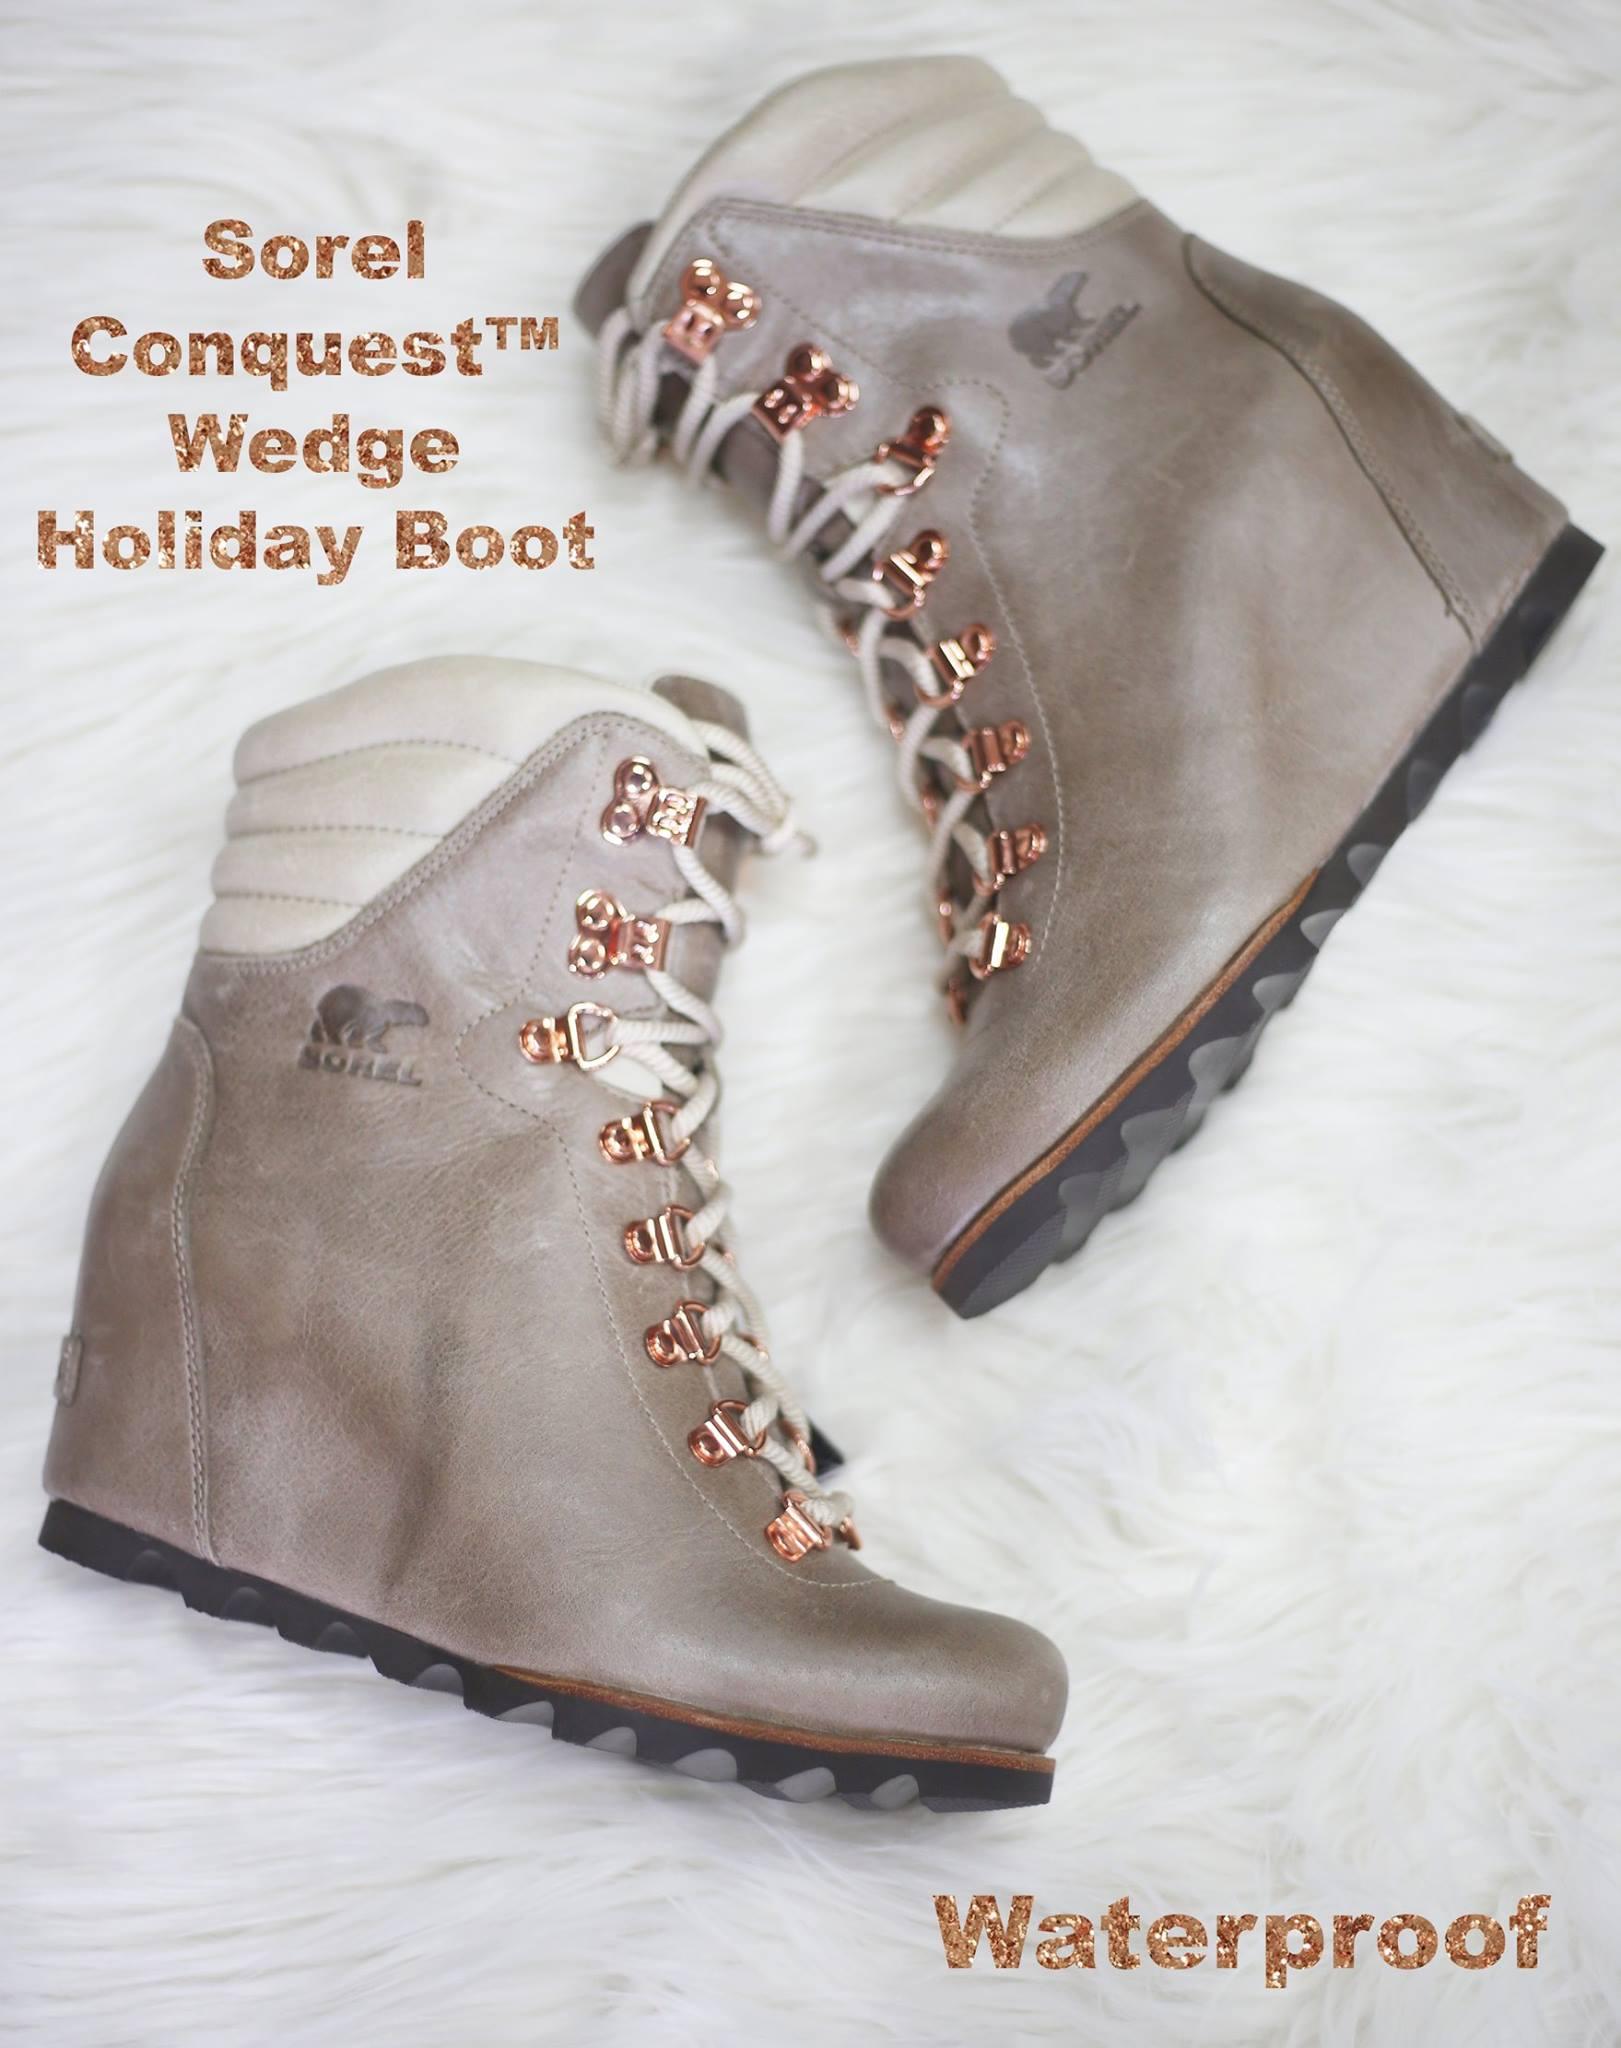 040339c38096 Arktana Shoes on Twitter